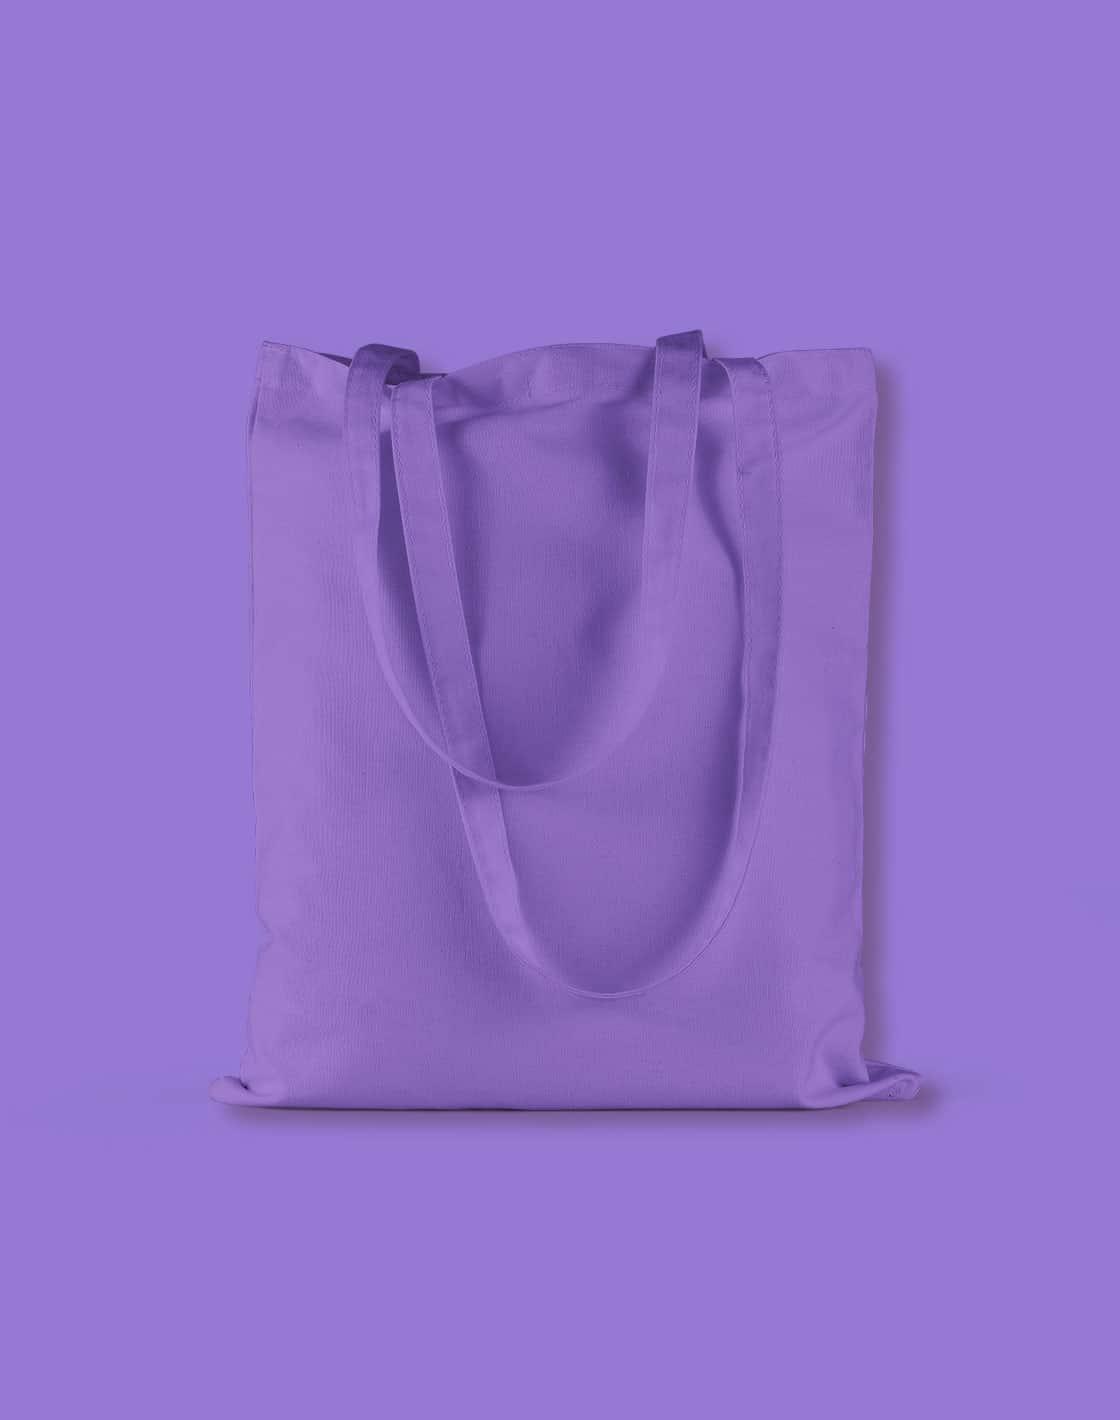 baumwolltaschen bunt violet lange henkel 38x42cm